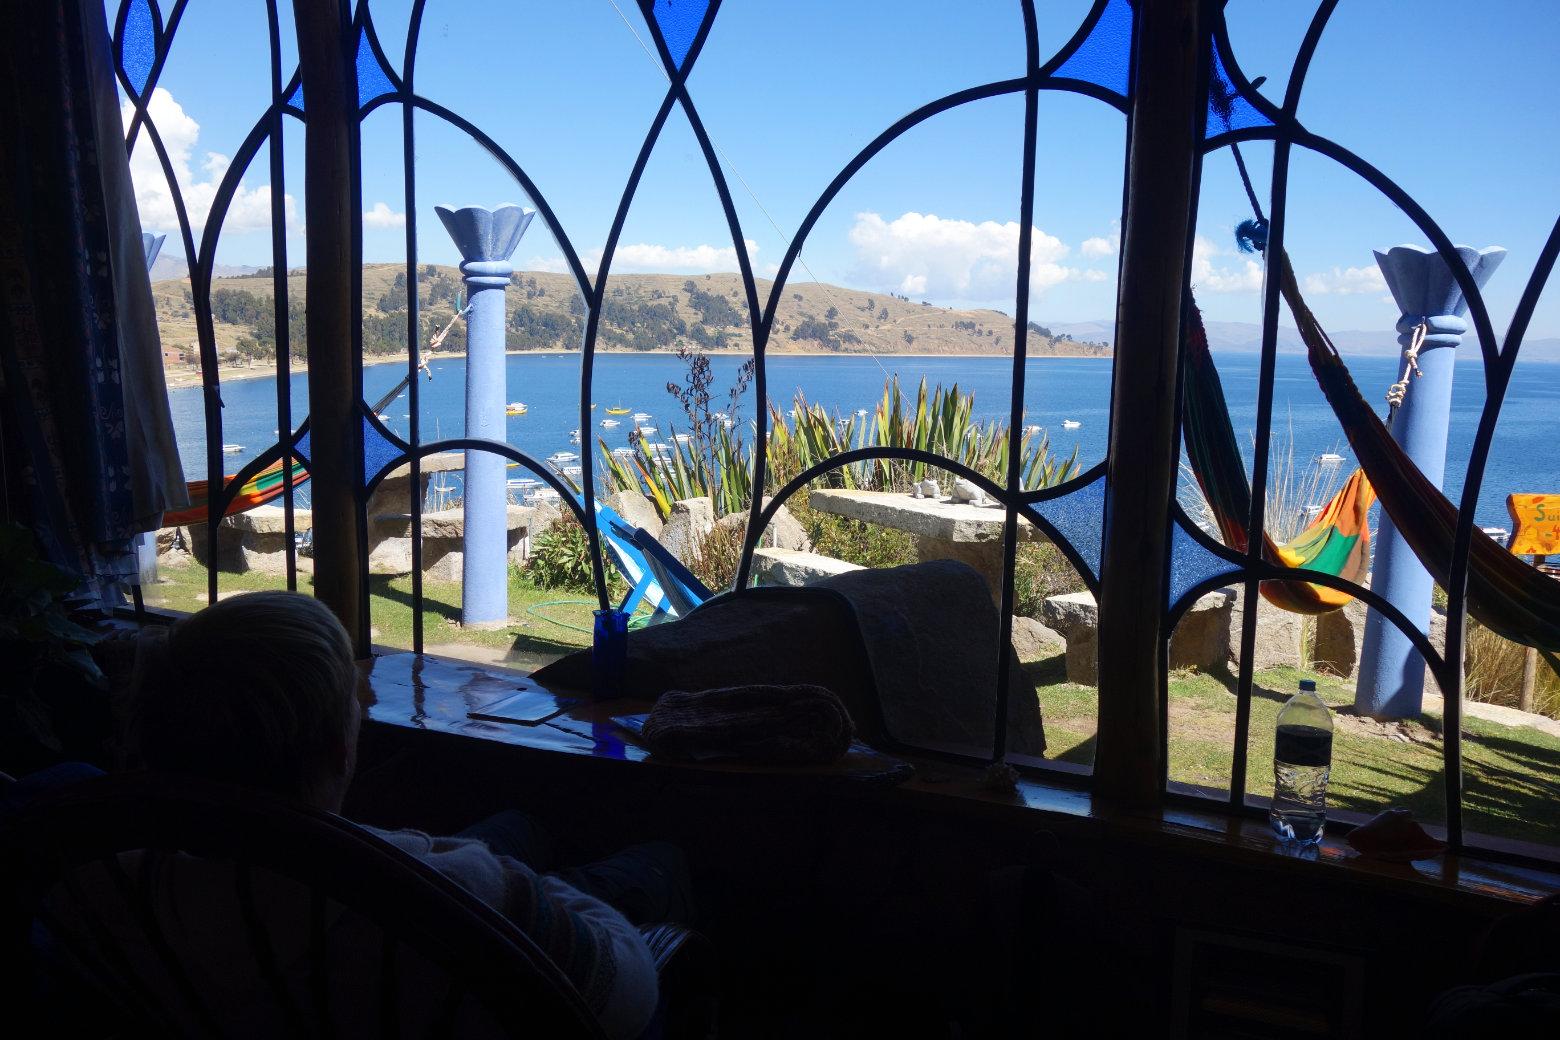 Bolivien Titicacasee Blick von Unterkunft auf See